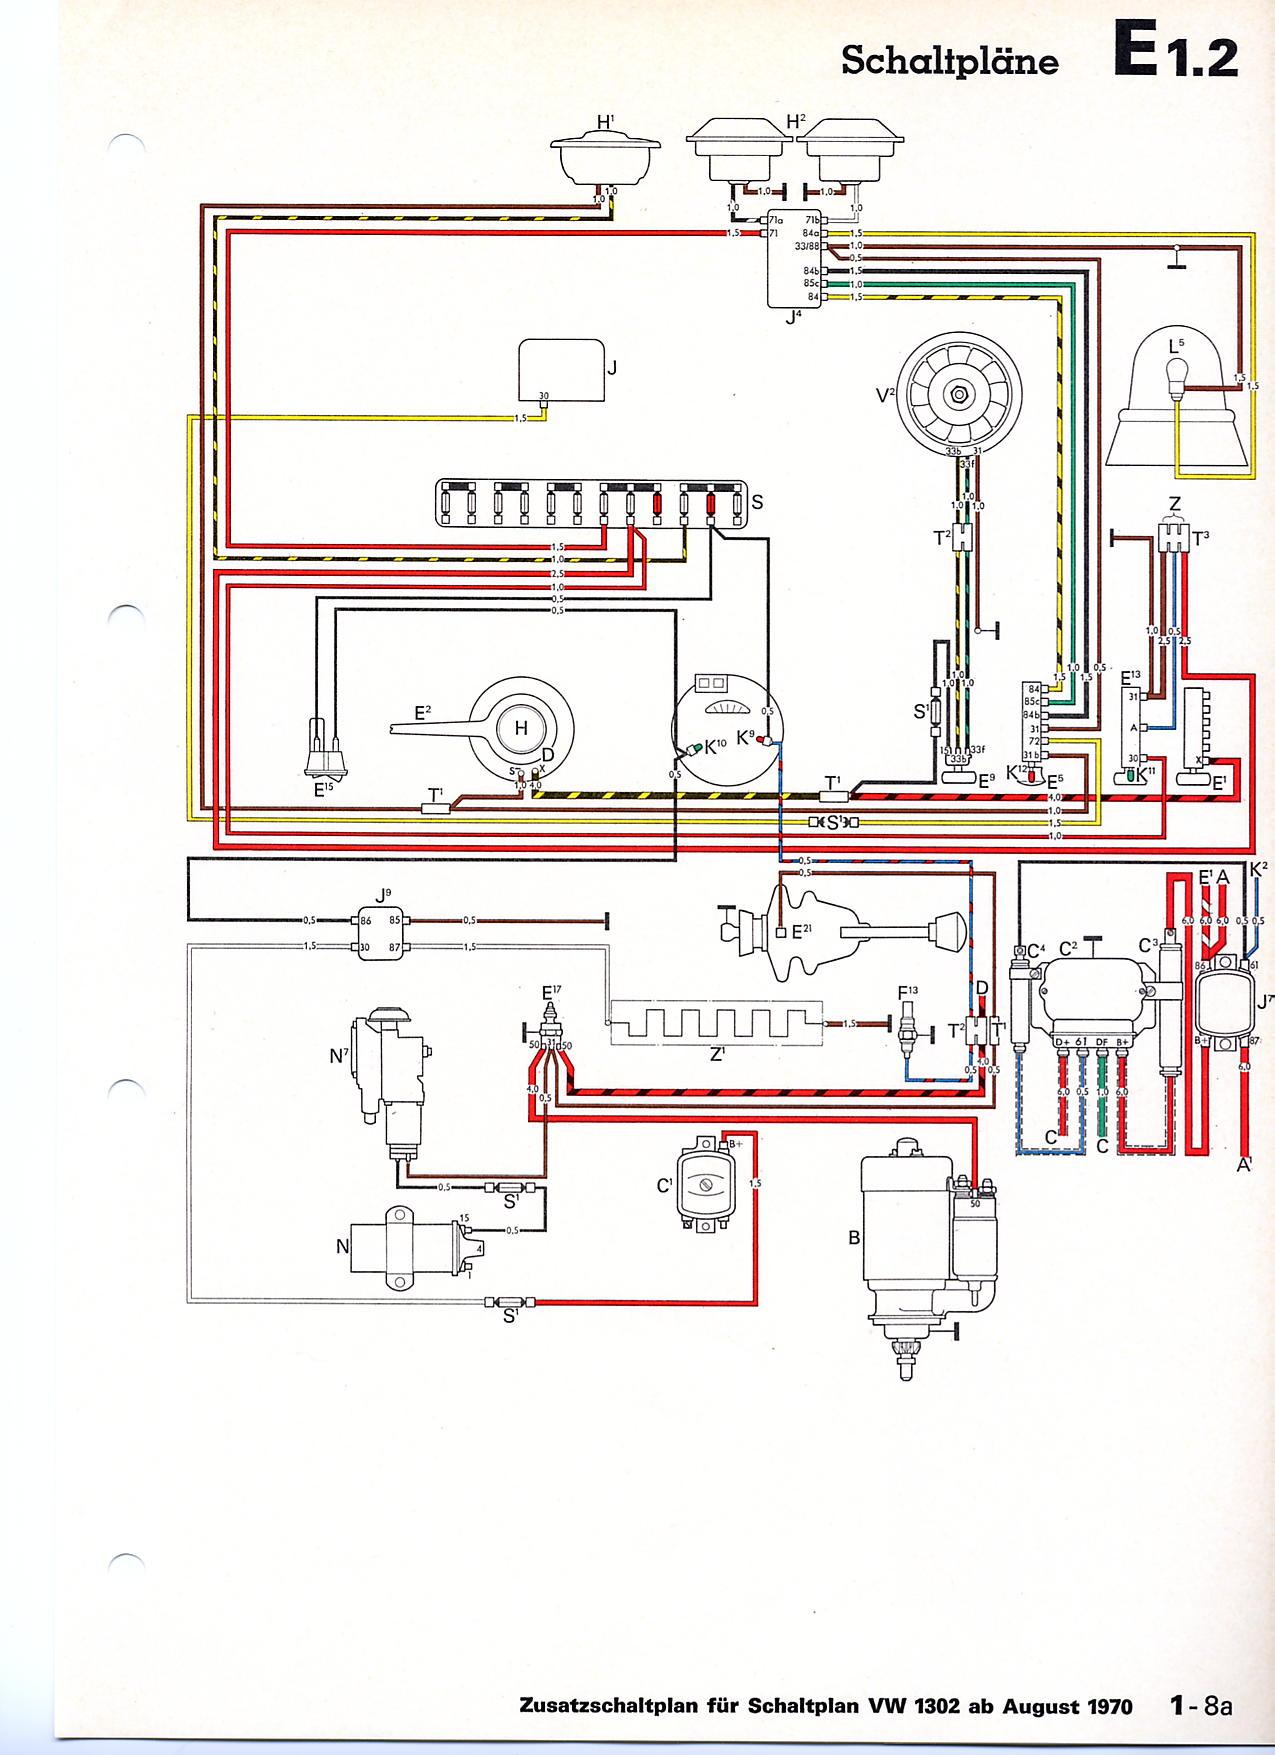 vw bug starter wiring cl 8626  vw voltage regulator wiring diagram additionally 72 vw vw bug starter solenoid wiring vw voltage regulator wiring diagram